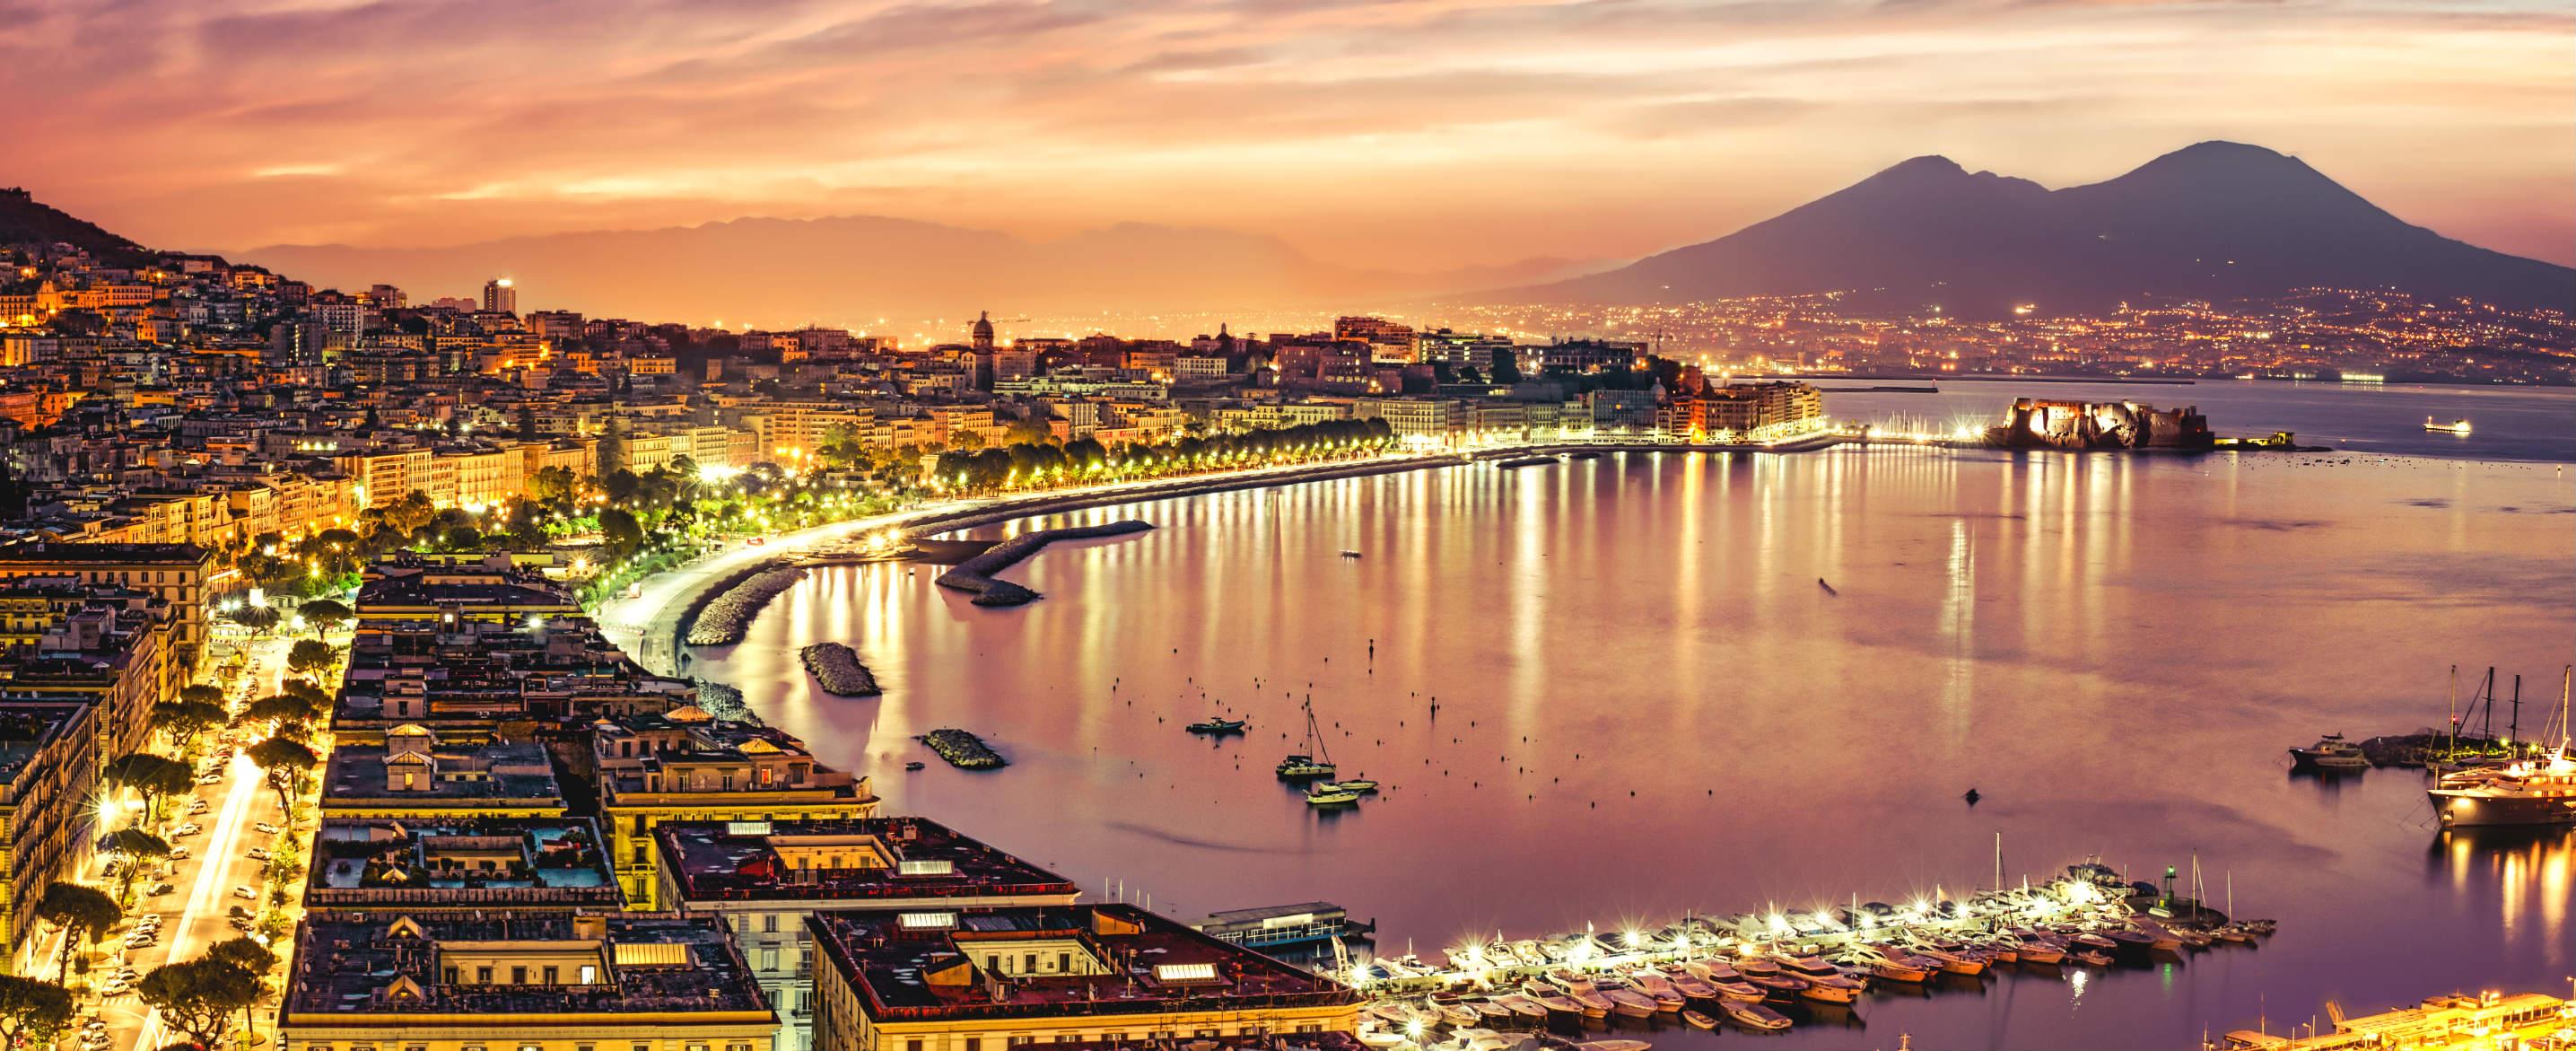 ERCOLANO E NAPOLI BY NIGHT Ercolano Campania DLT Viaggi